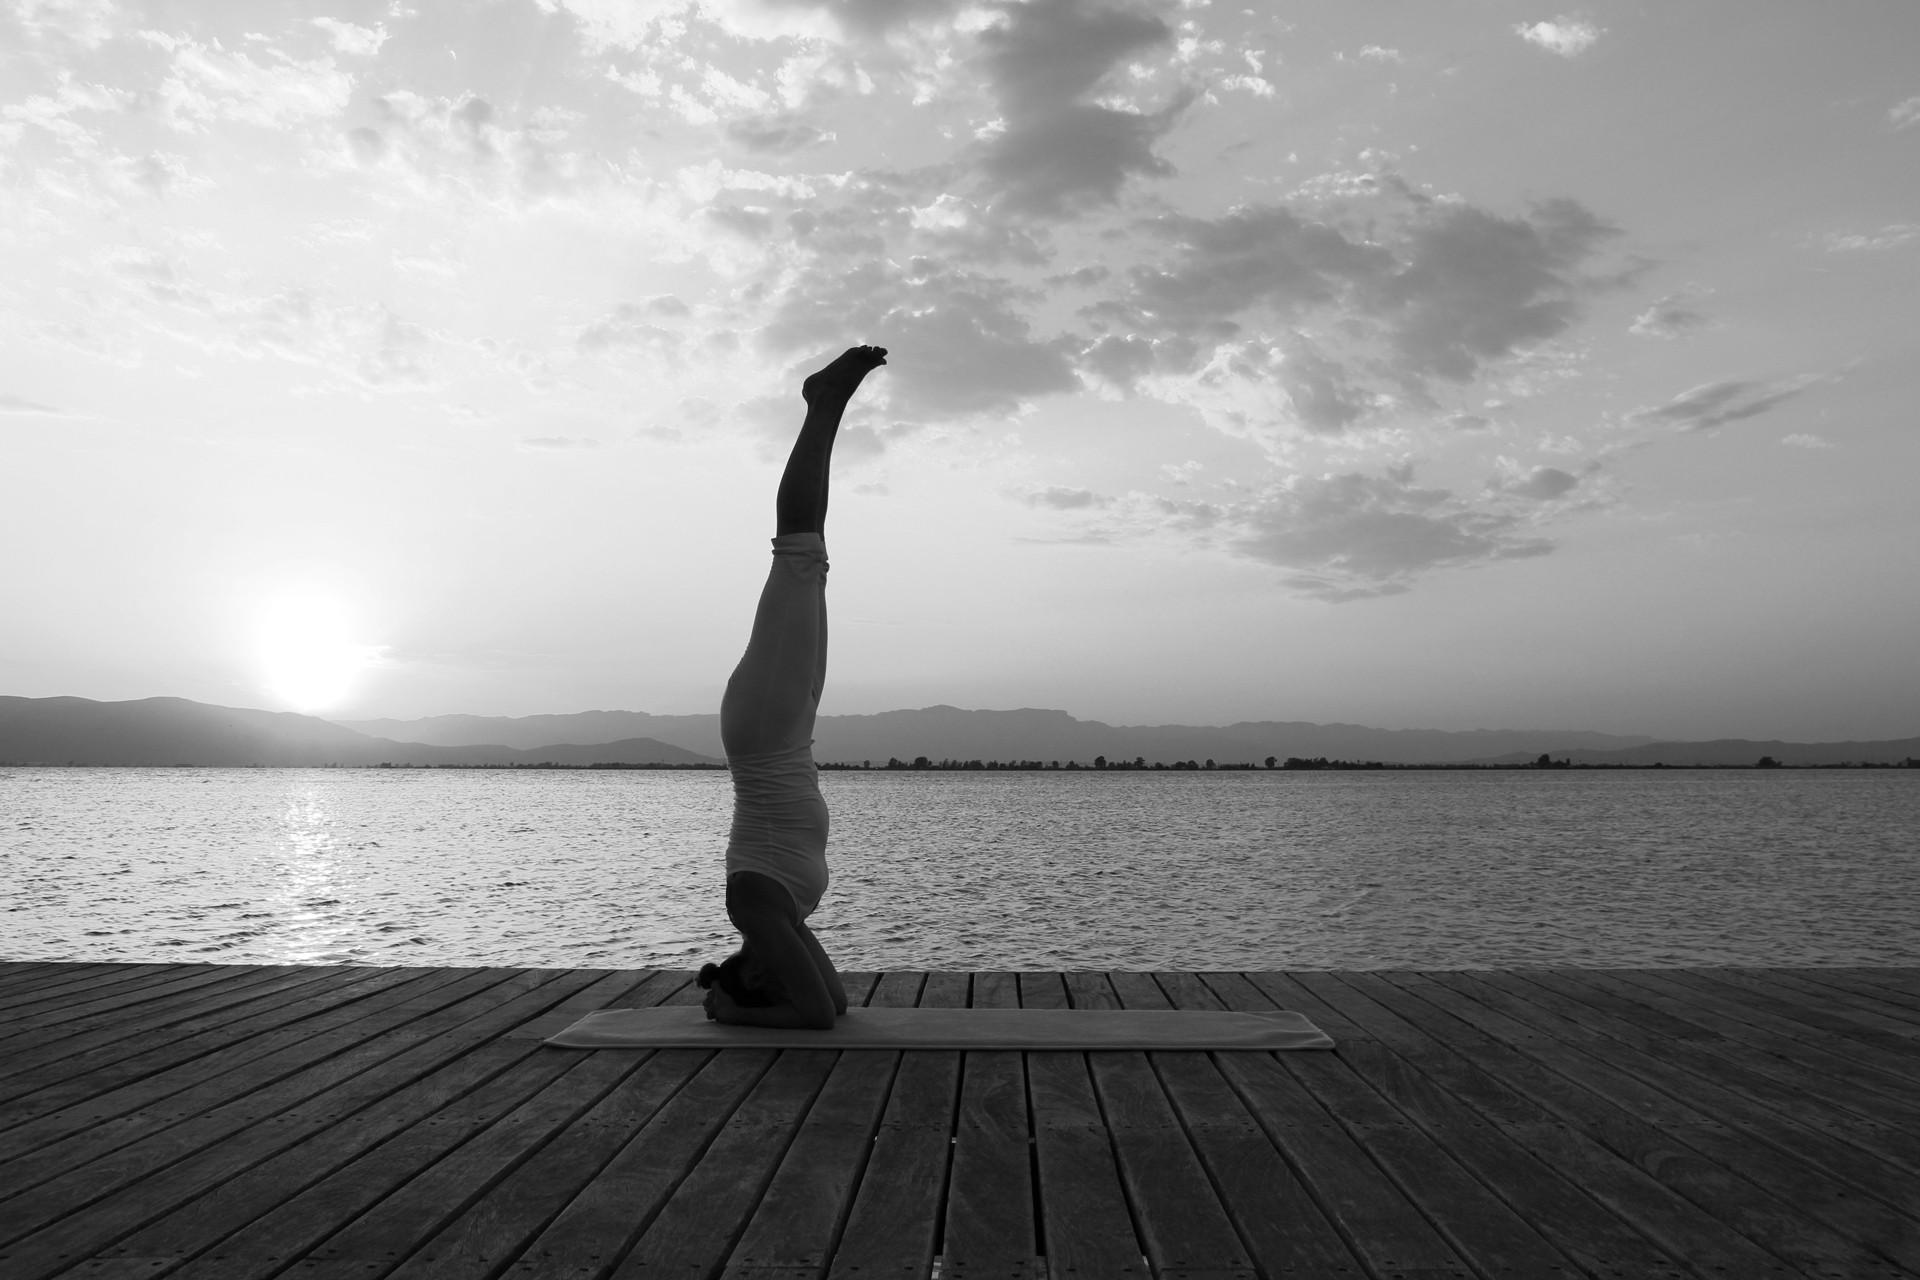 ¿Qué es meditar? Entiende lo que es la meditación a través de este curso práctico